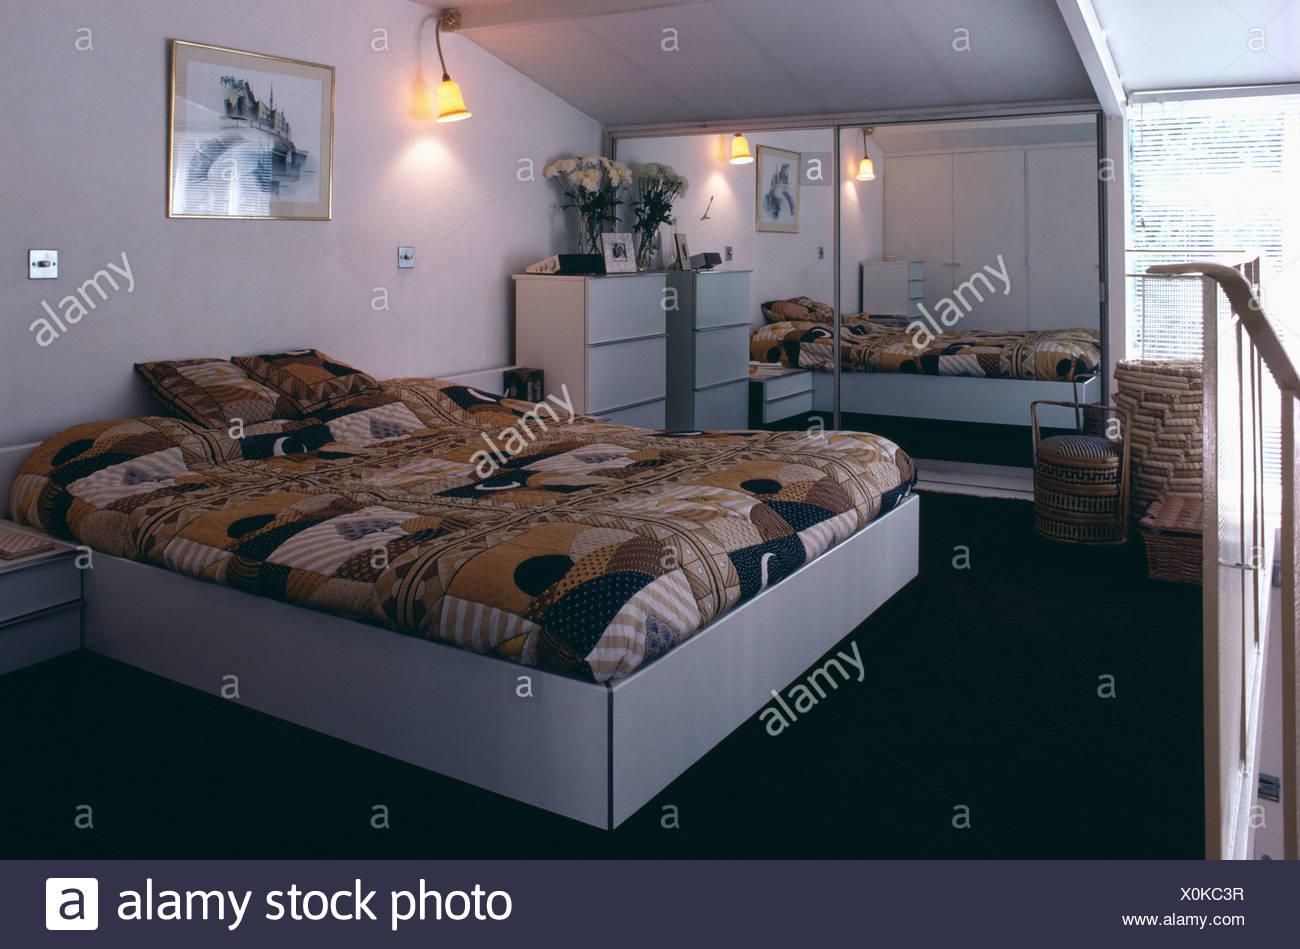 Siebziger Jahre Schlafzimmer mit Alkoven Bett und geometrisch